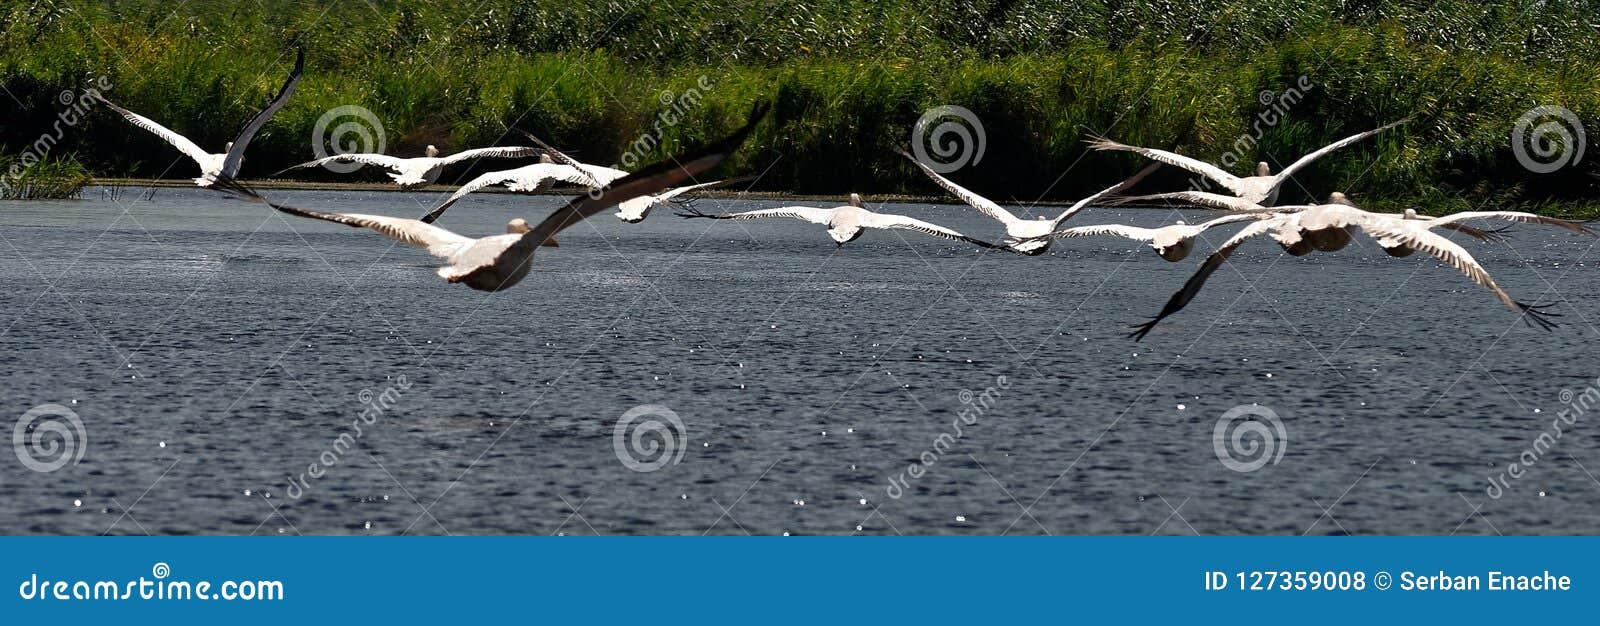 Flock av pelikan i Donaudelta